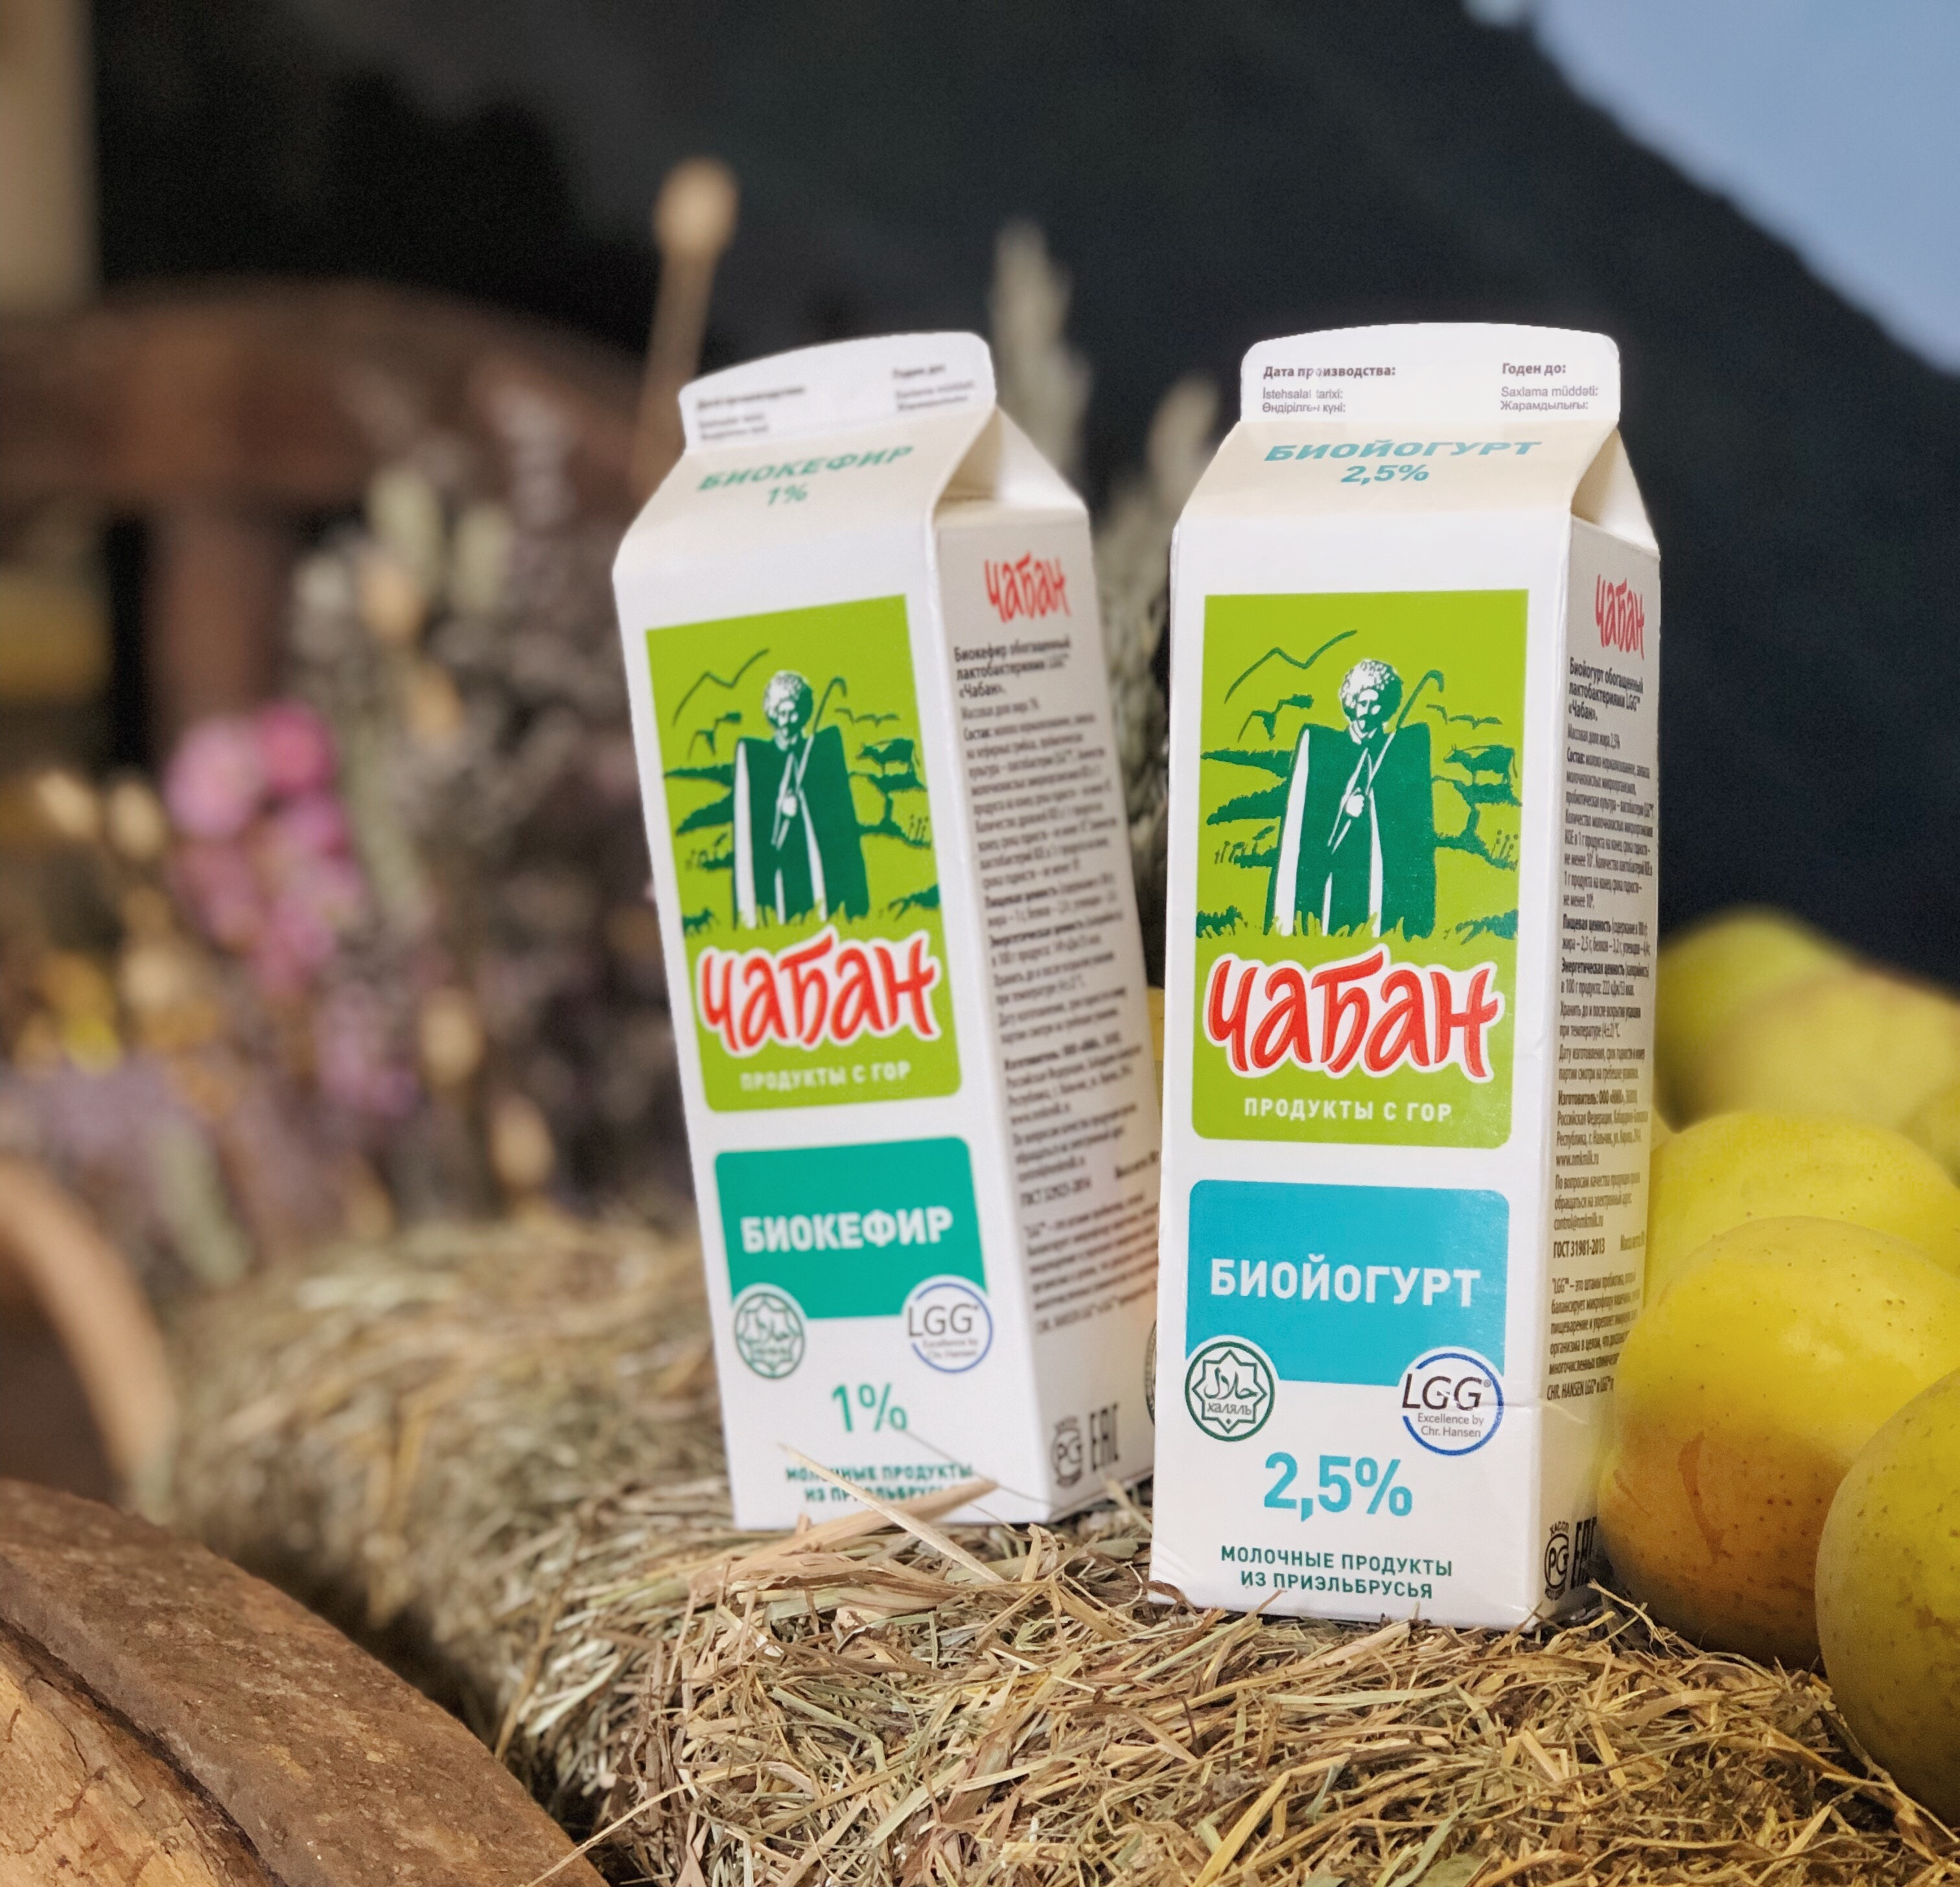 Северо-кавказский бренд «ЧАБАН» представил продукцию с уникальными пробиотиками LGG